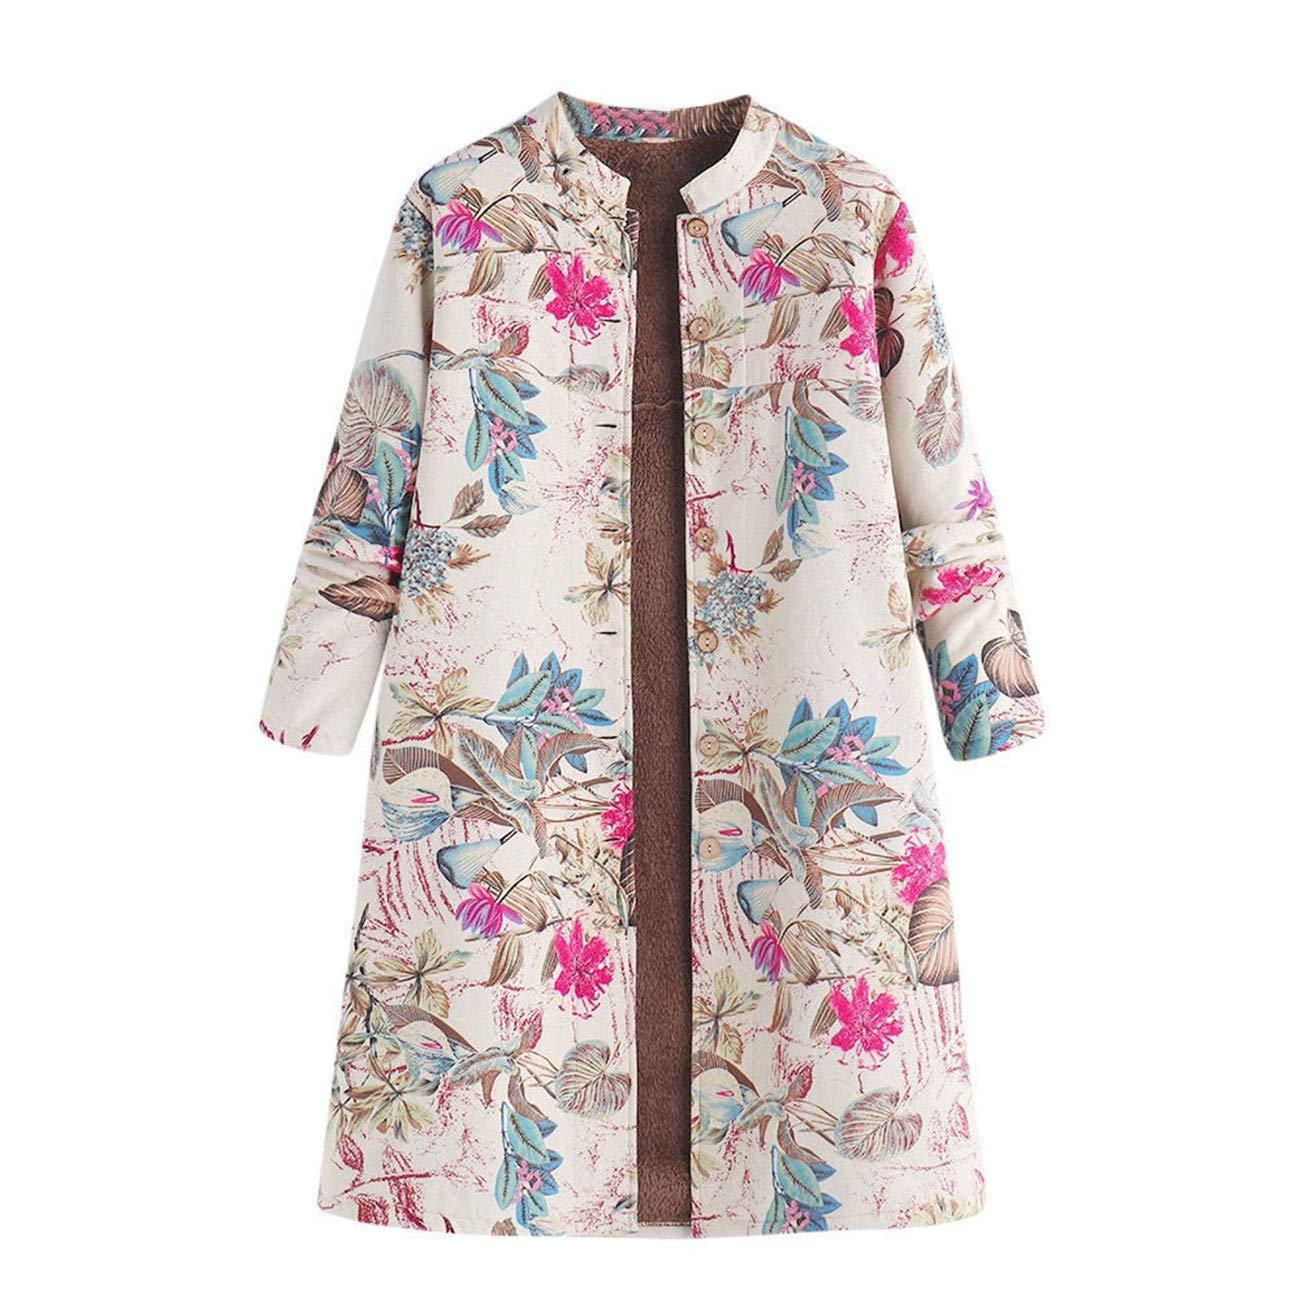 Manteau Femmes Hiver Womens Hiver Chaud Outwear Bouton Floral Poches Impression Vintage Manteaux Oversize HCFKJ-wc